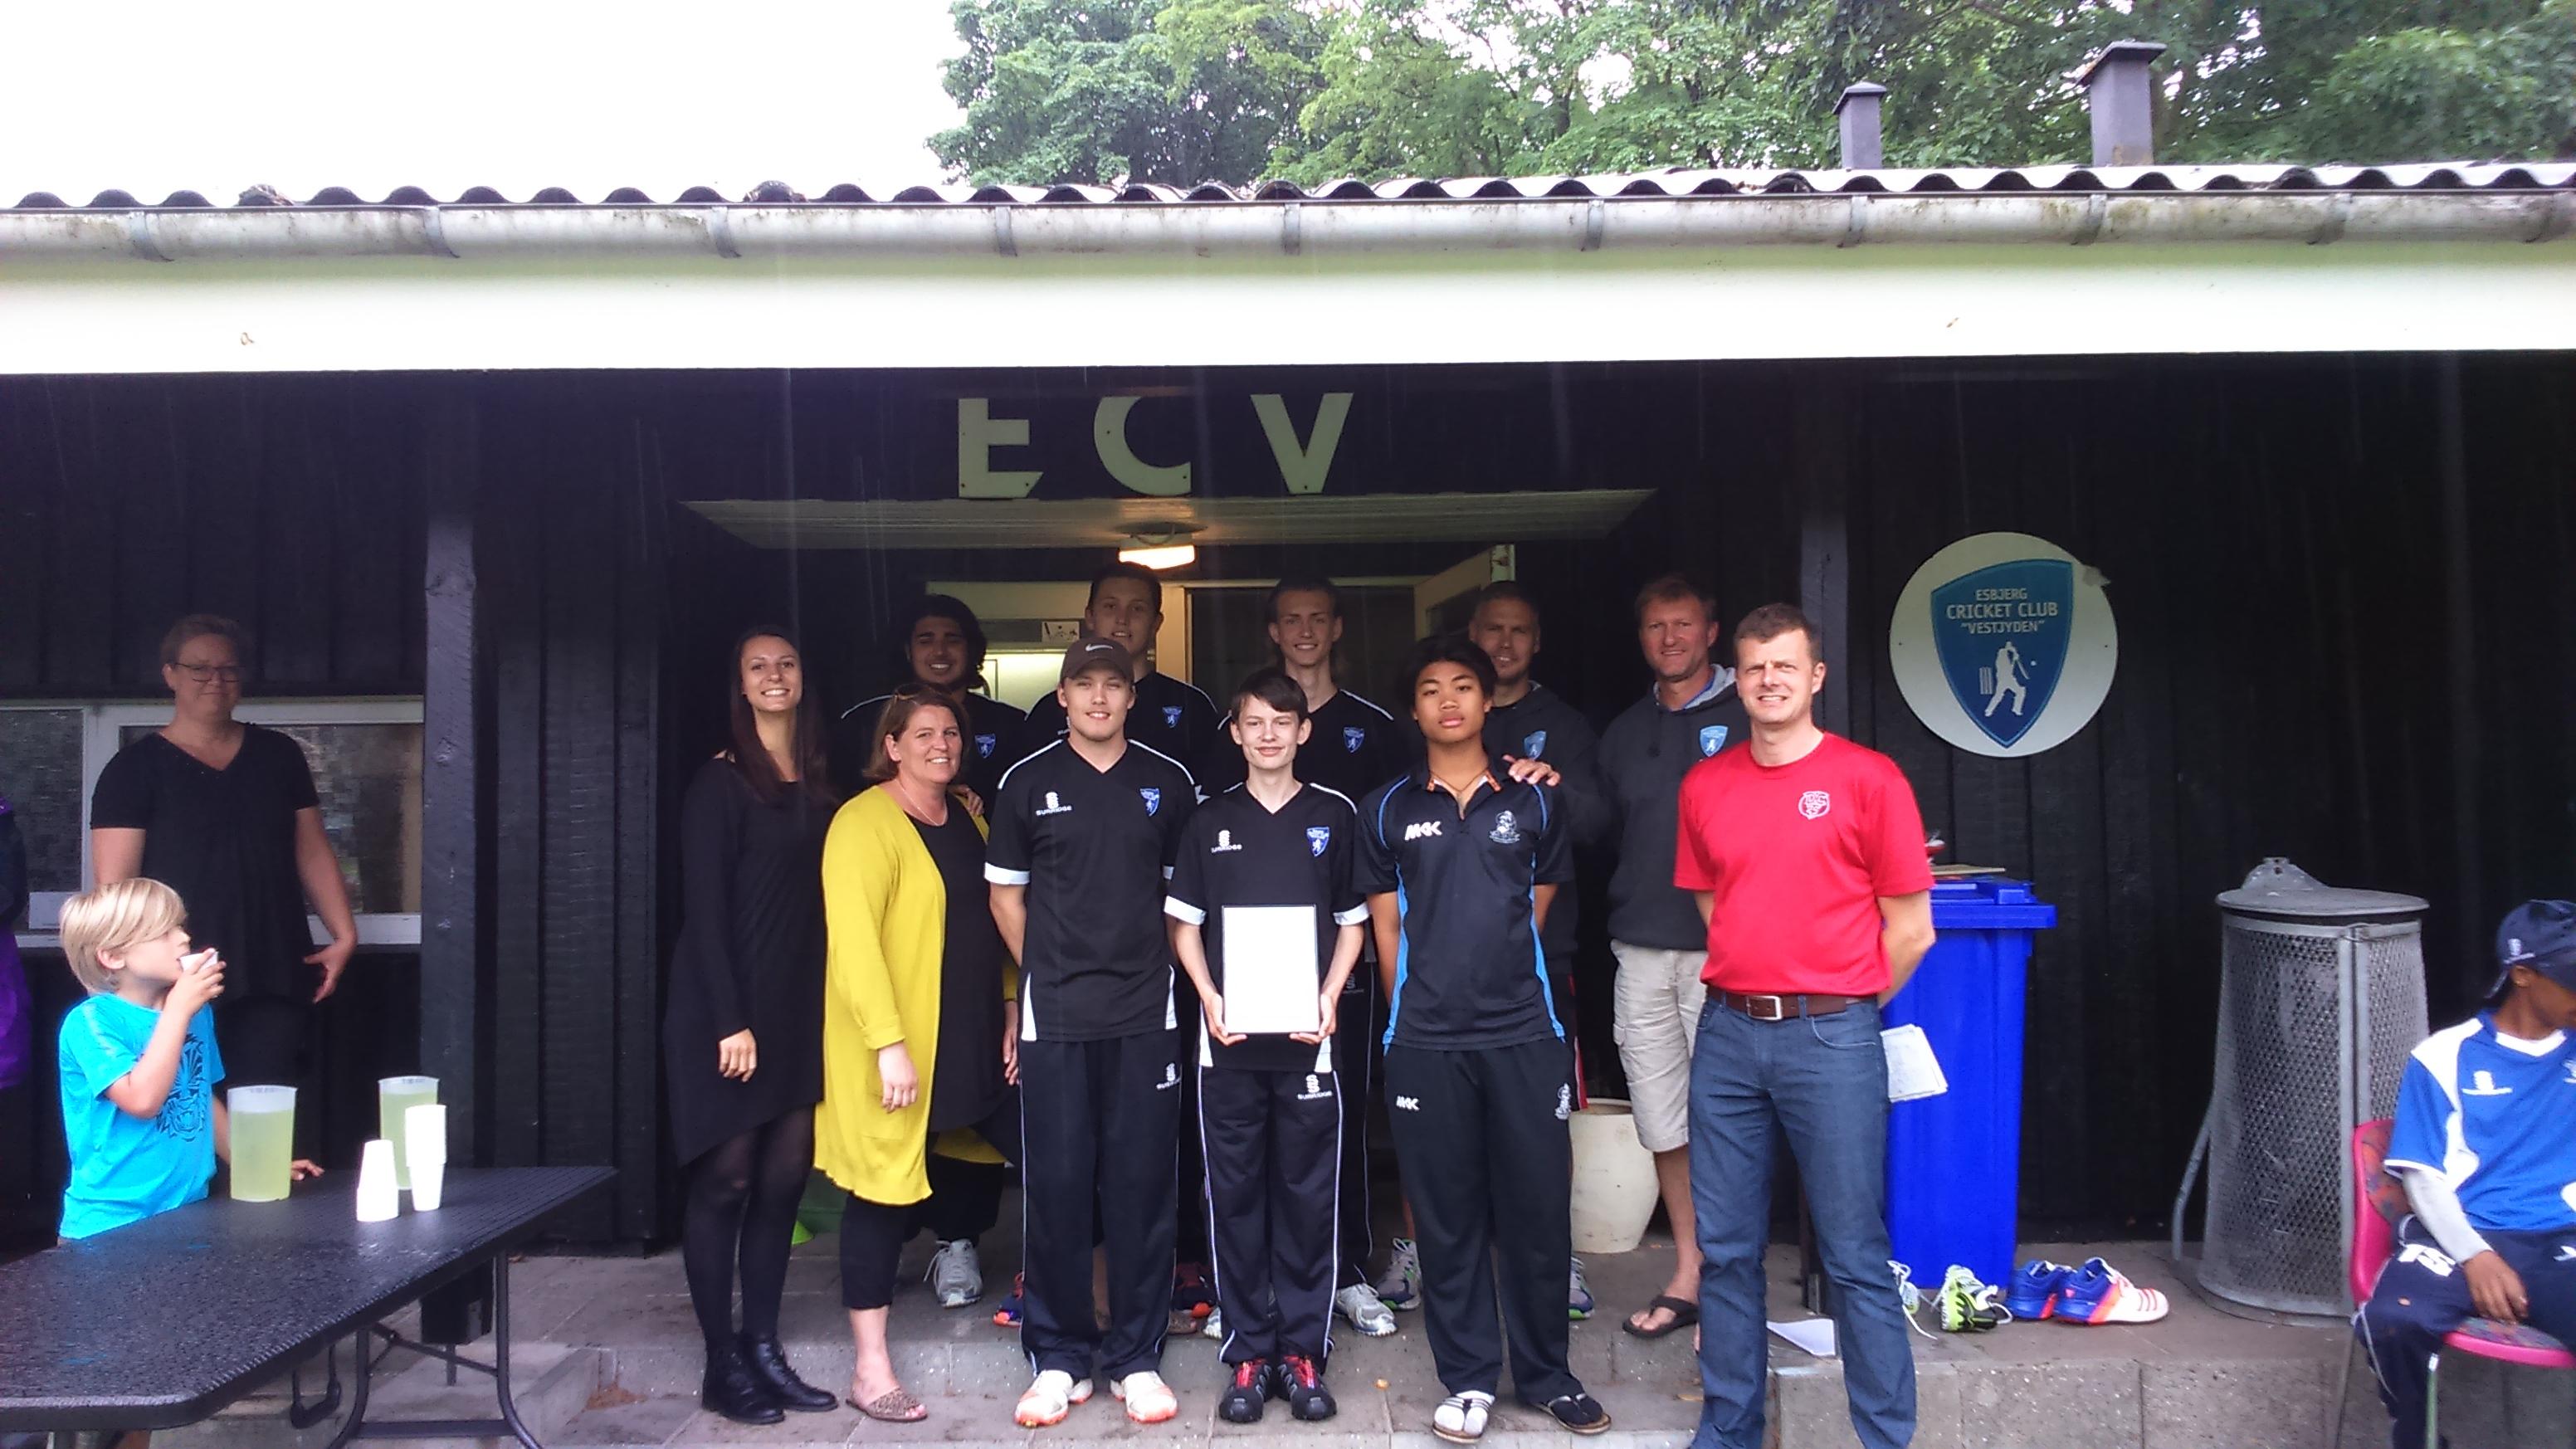 Cricket i Esbjerg: Unge løver skaber stærkt sammenhold 2